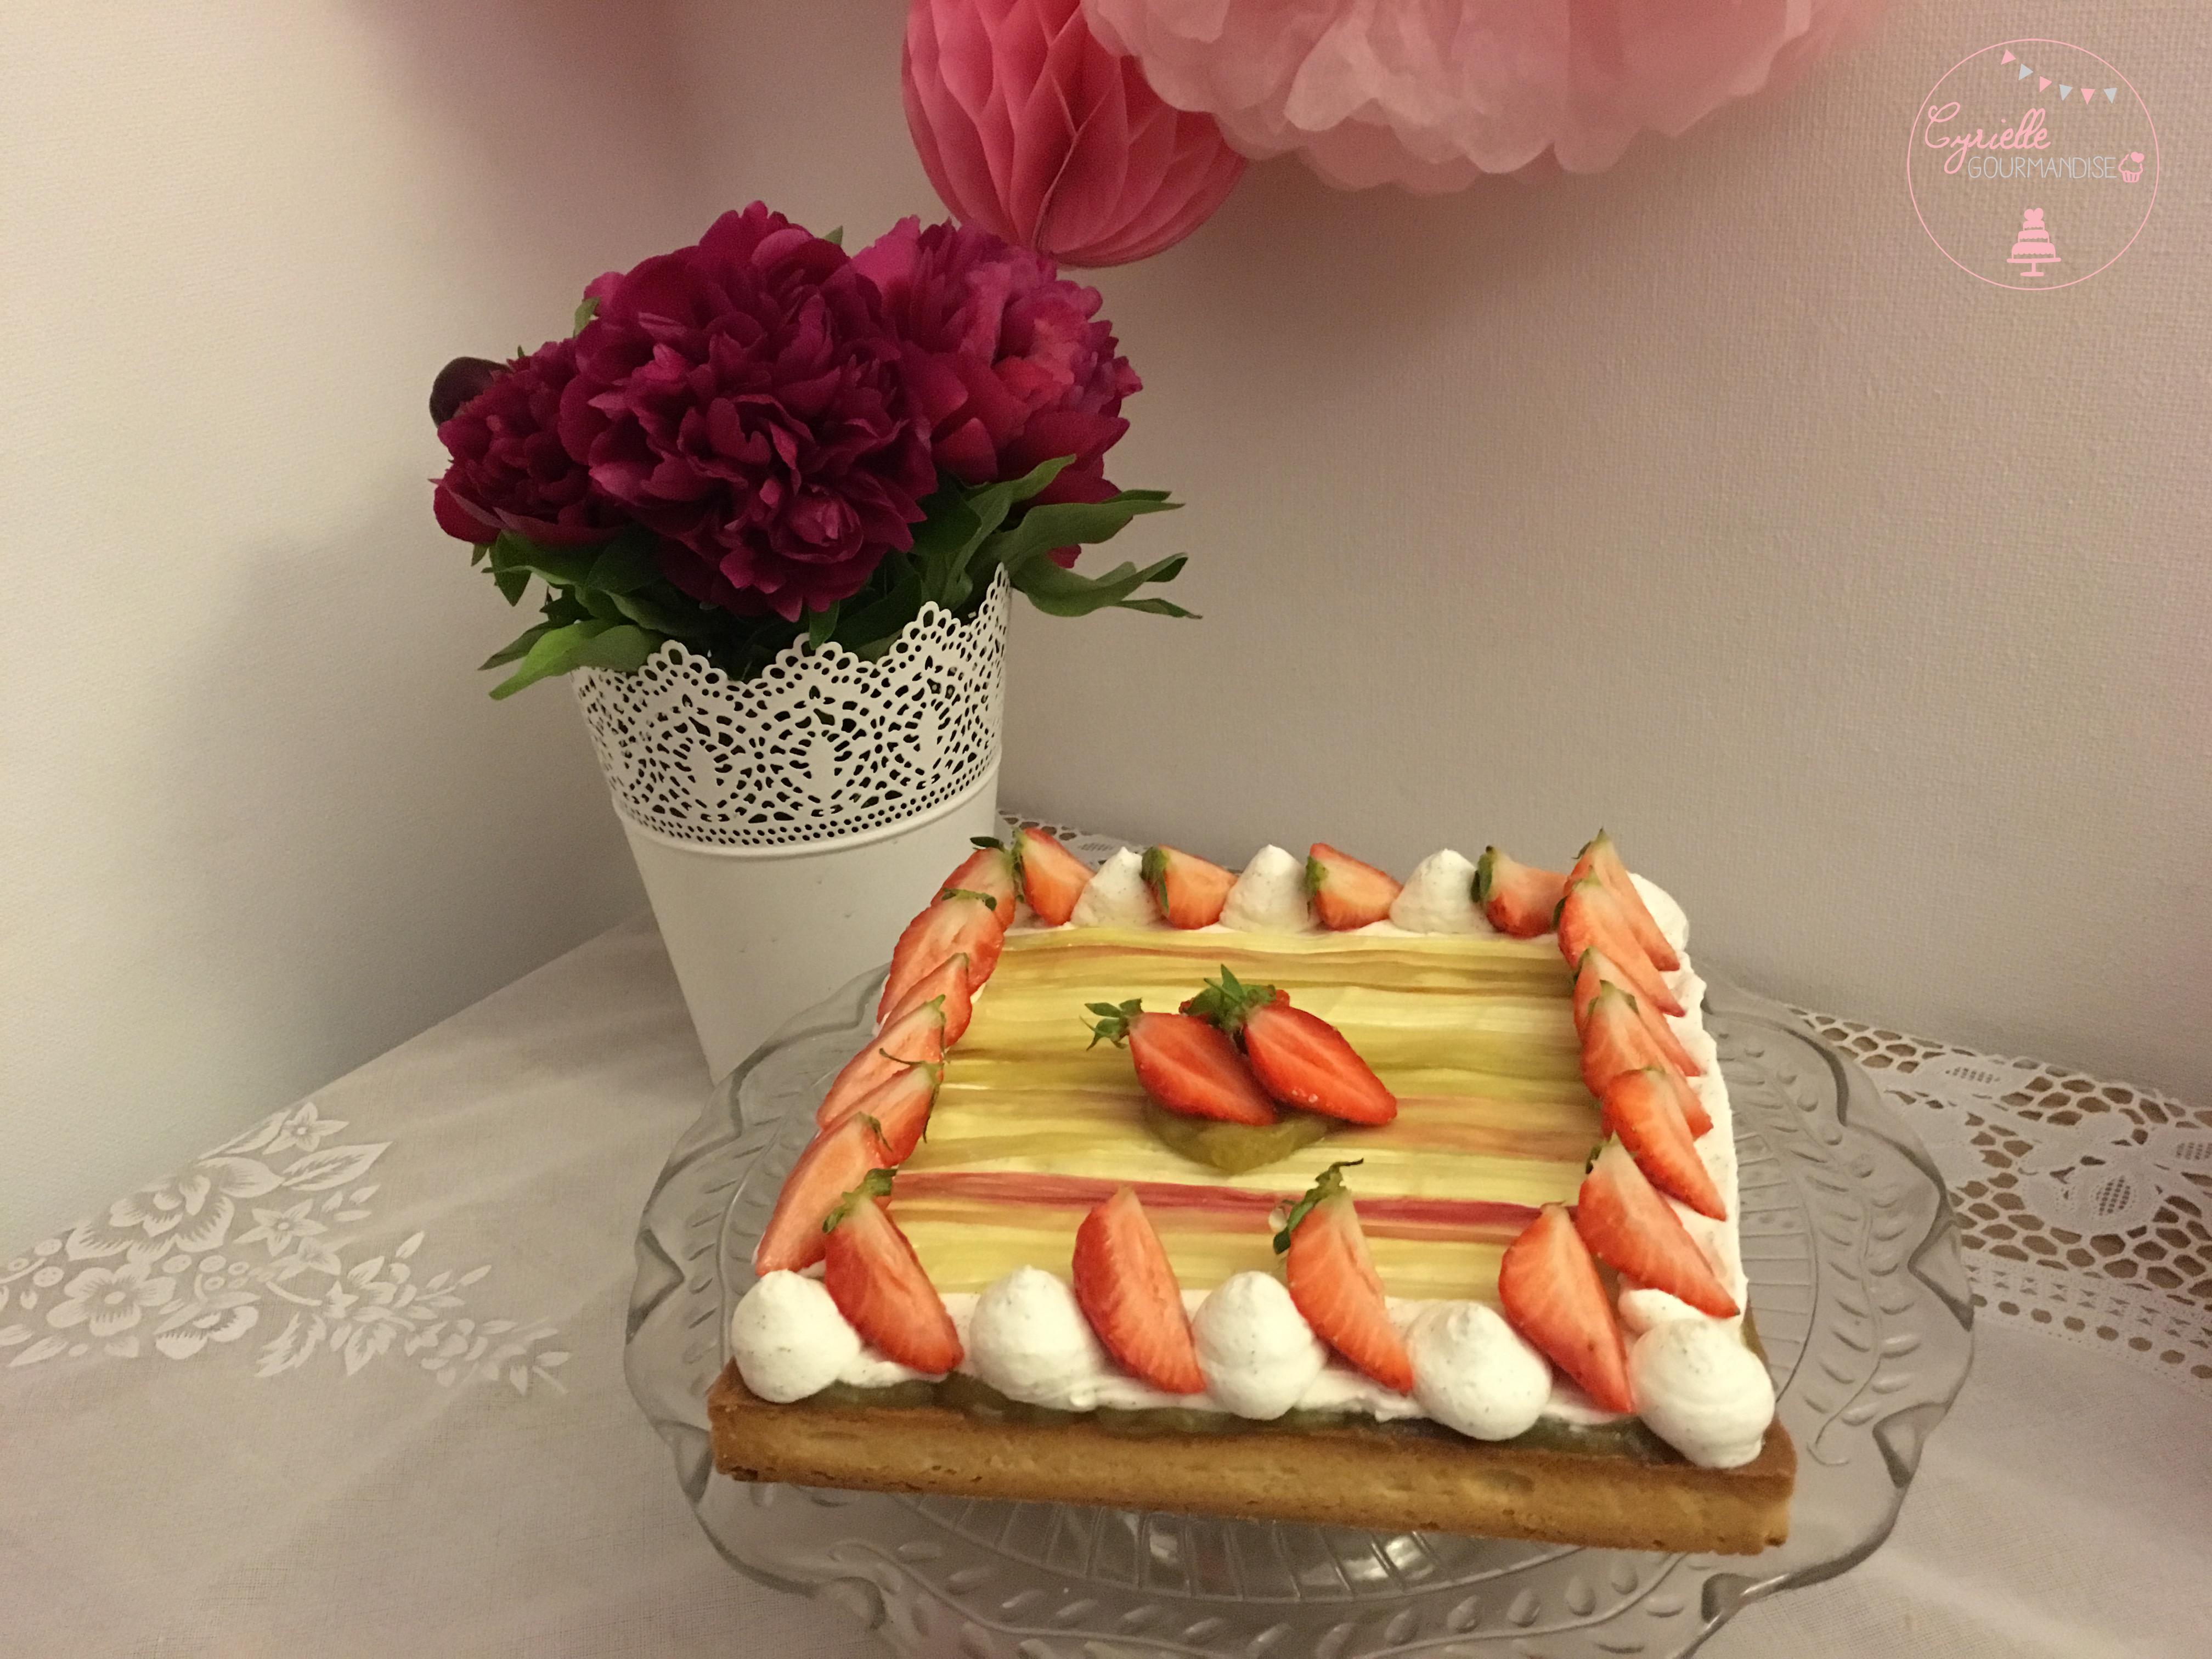 Tarte rhubarbe vanille fraises 6